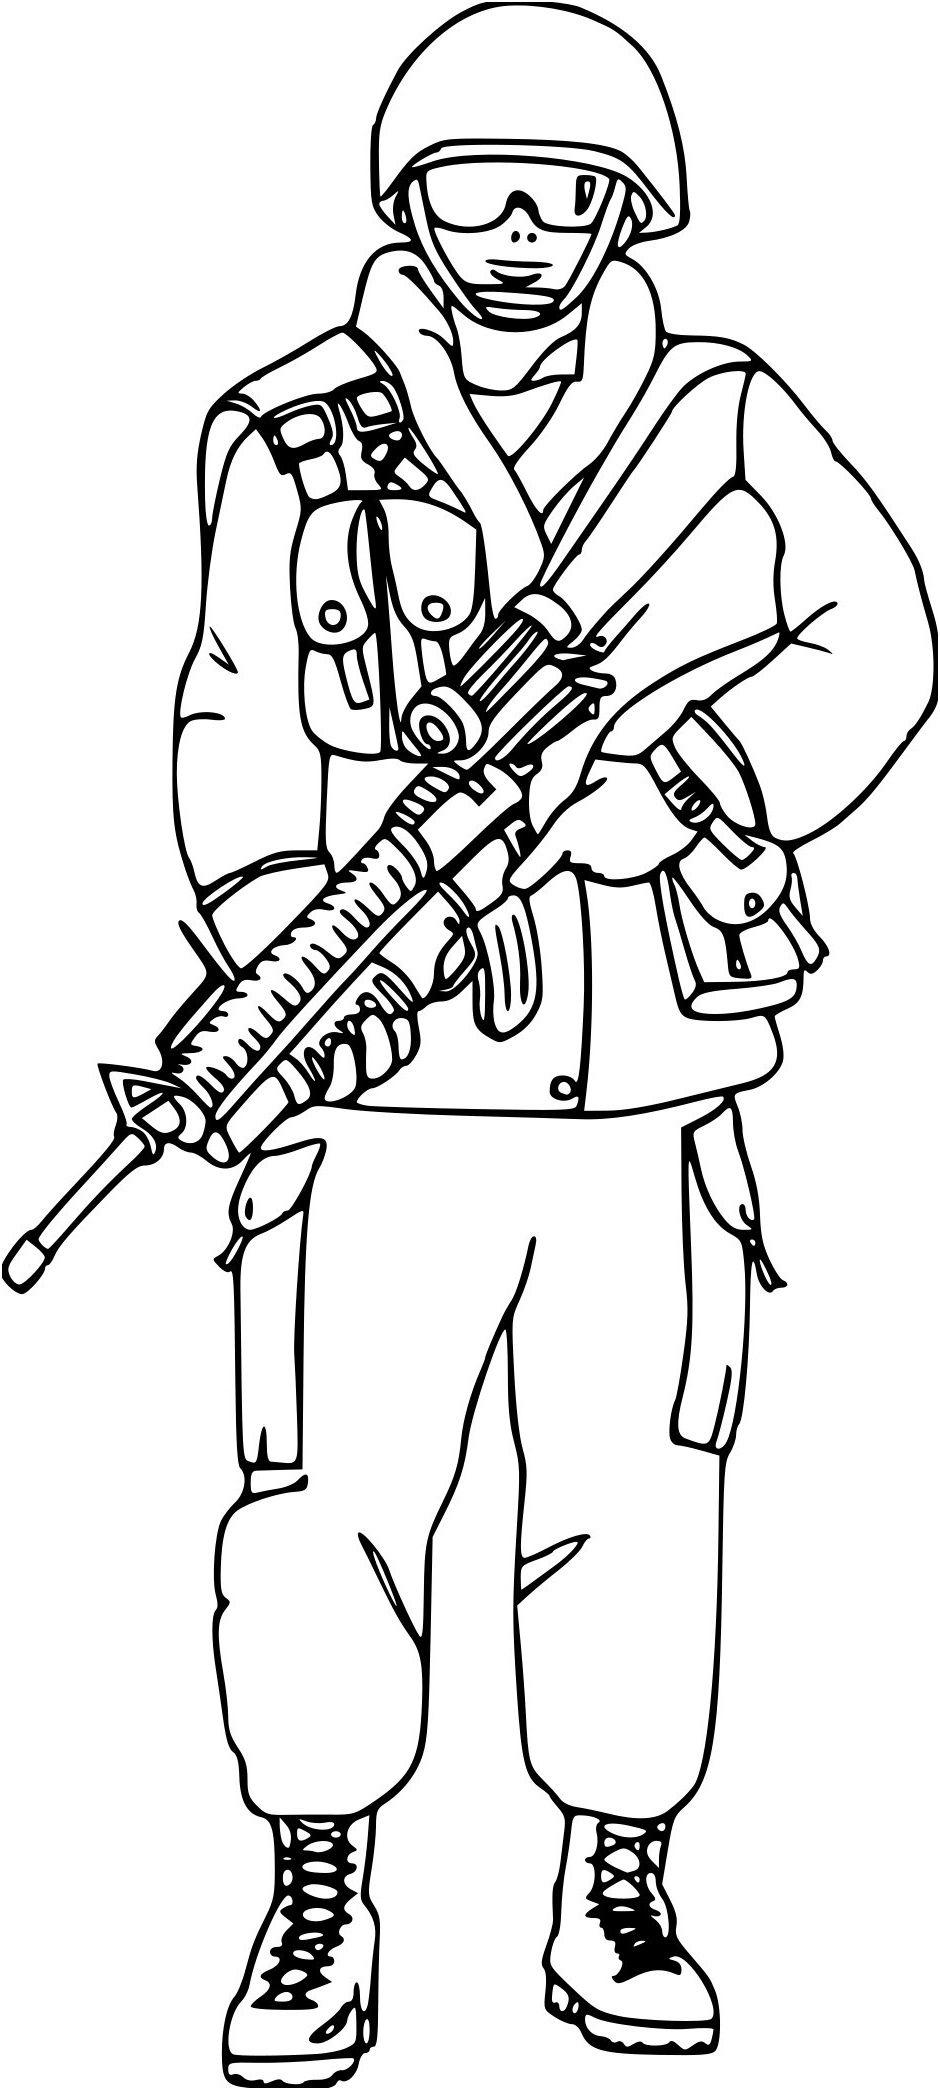 14 Aimable Coloriage Militaire Soldat Stock En 2020 tout Coloriage Soldat